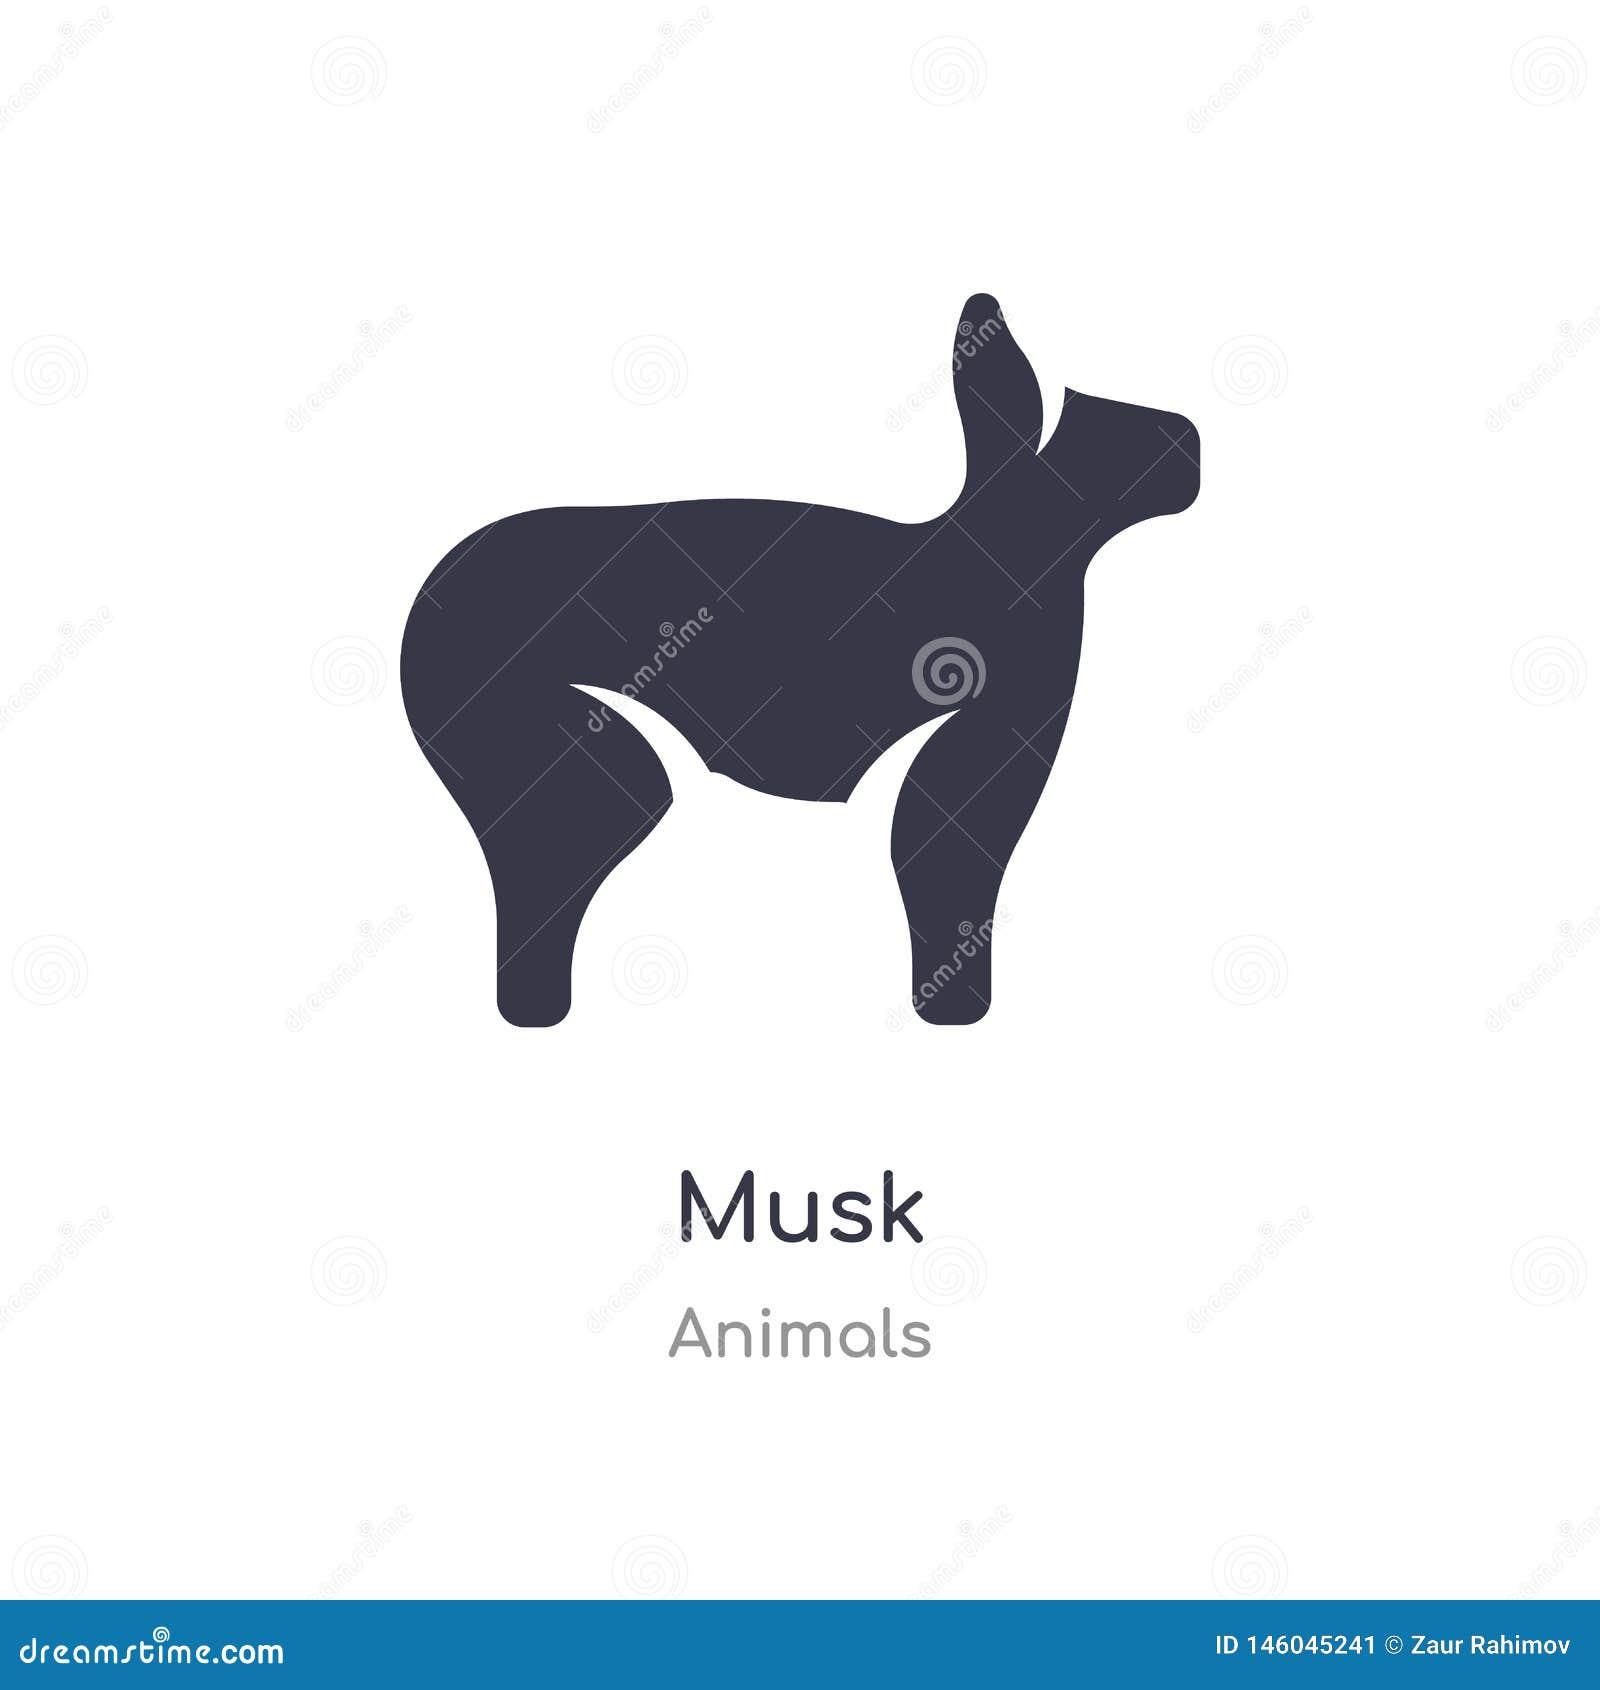 Pi?mo ikona odosobnionej piżmo ikony wektorowa ilustracja od zwierząt inkasowych editable ?piewa symbol mo?e by? u?ywa dla strony